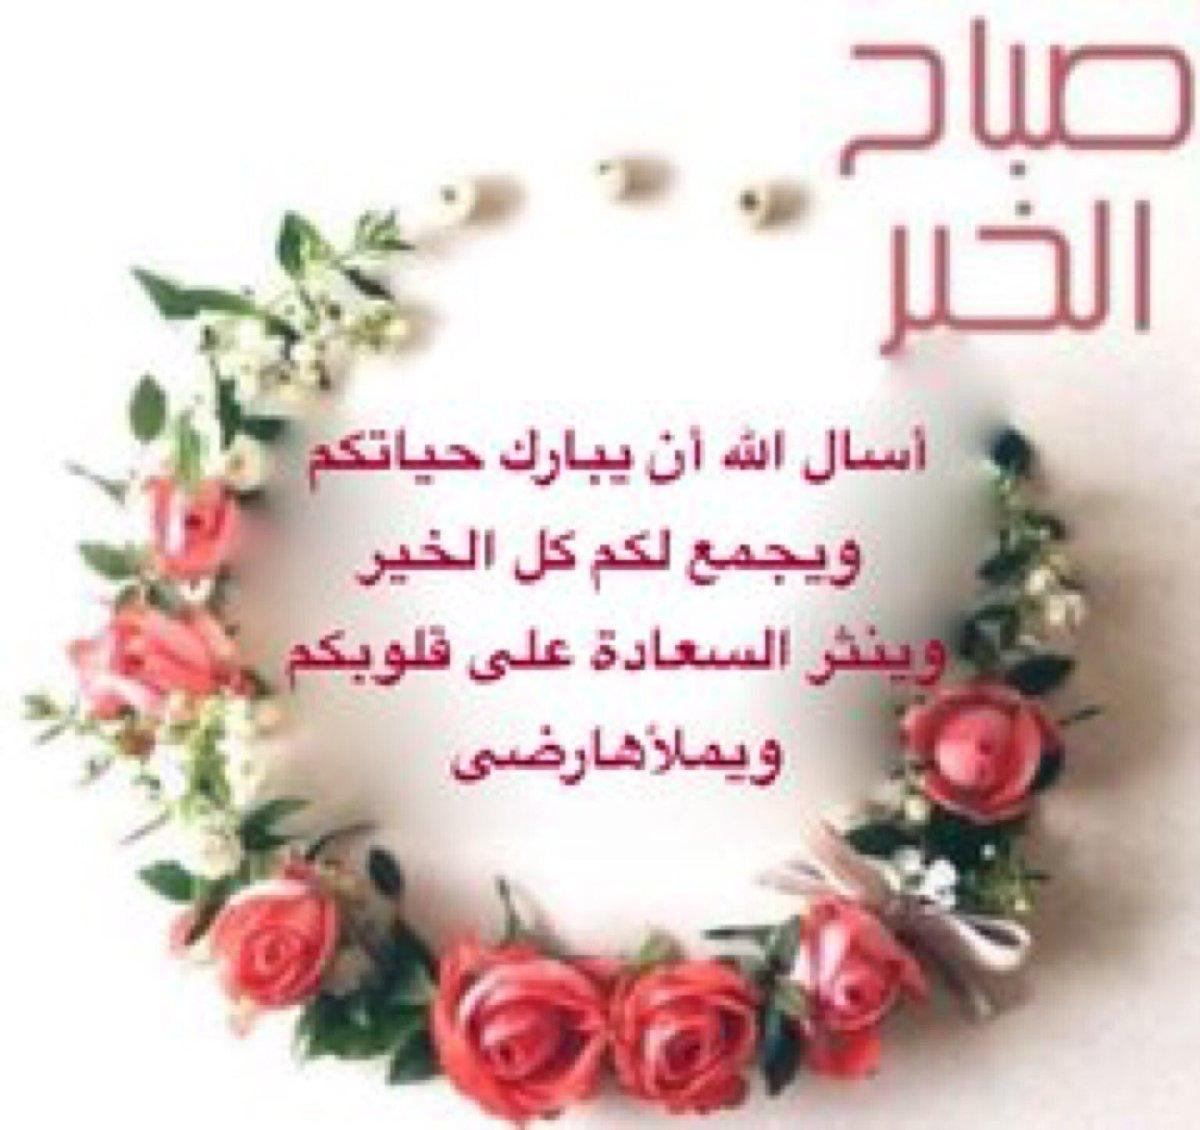 صورة رسائل دينيه صباحيه , عبارات دينية و اذكار الصباح